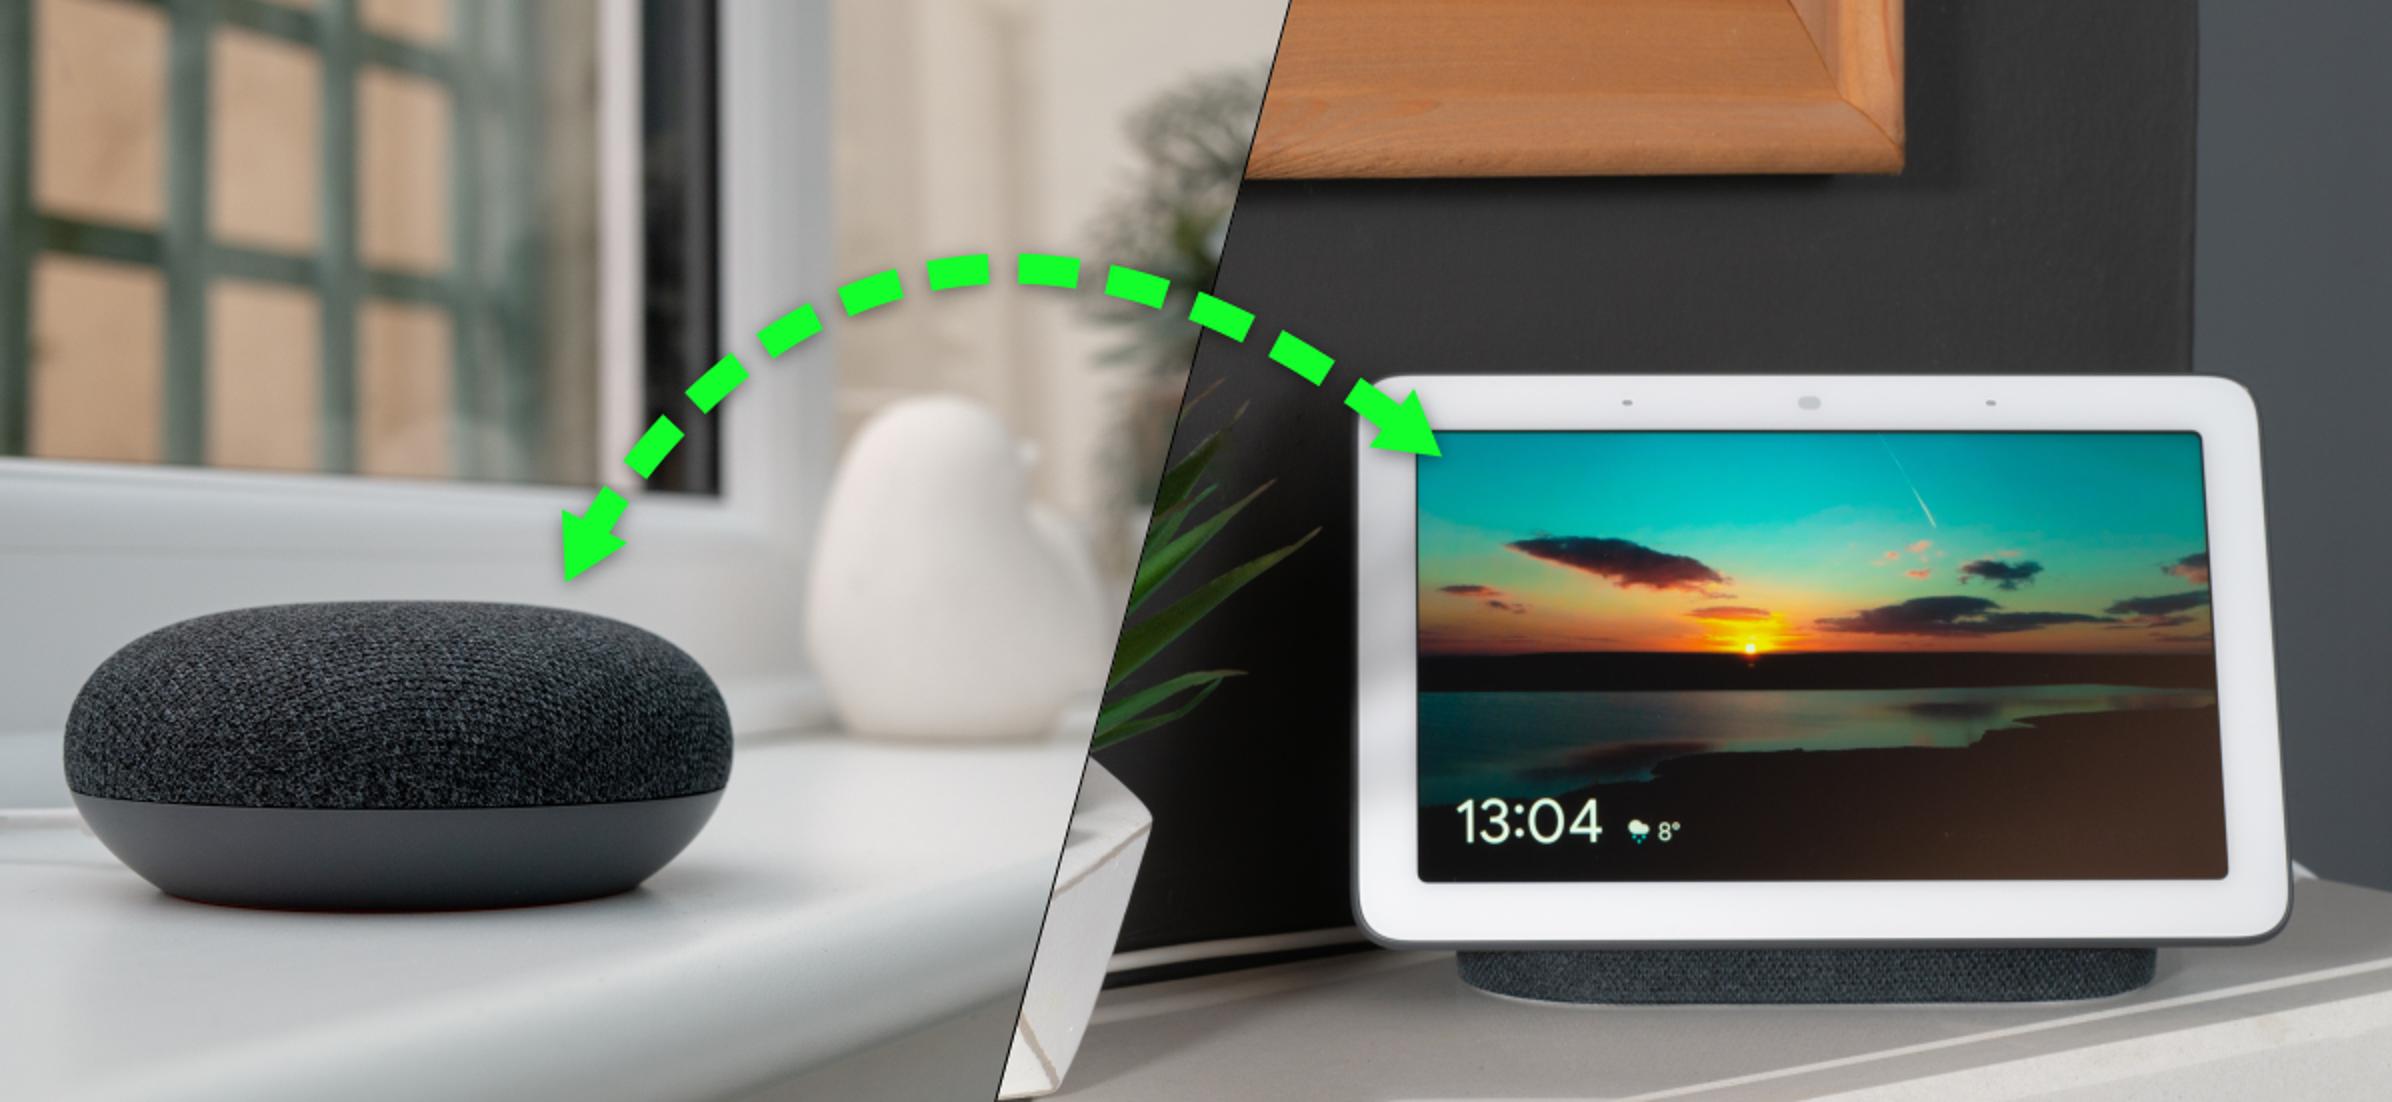 Cómo llamar a los altavoces y pantallas del Asistente de Google en su hogar